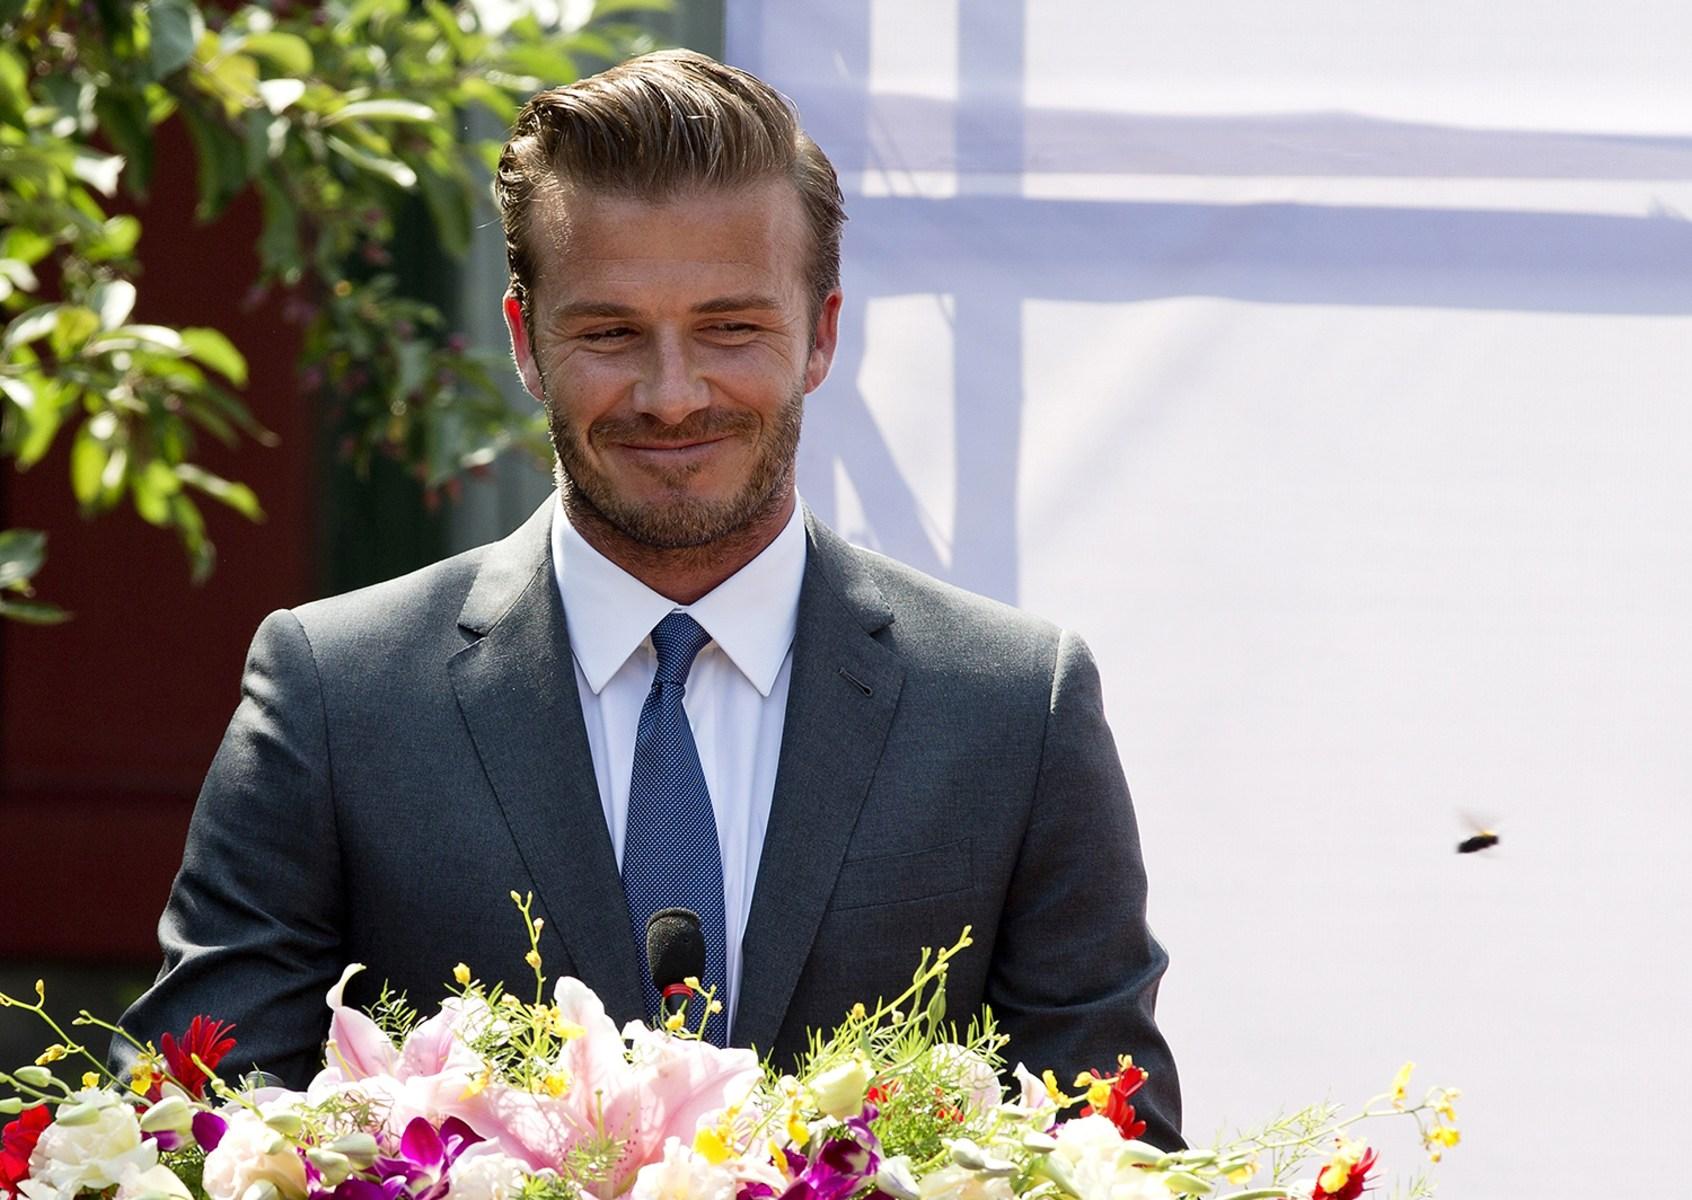 Image: David Beckham